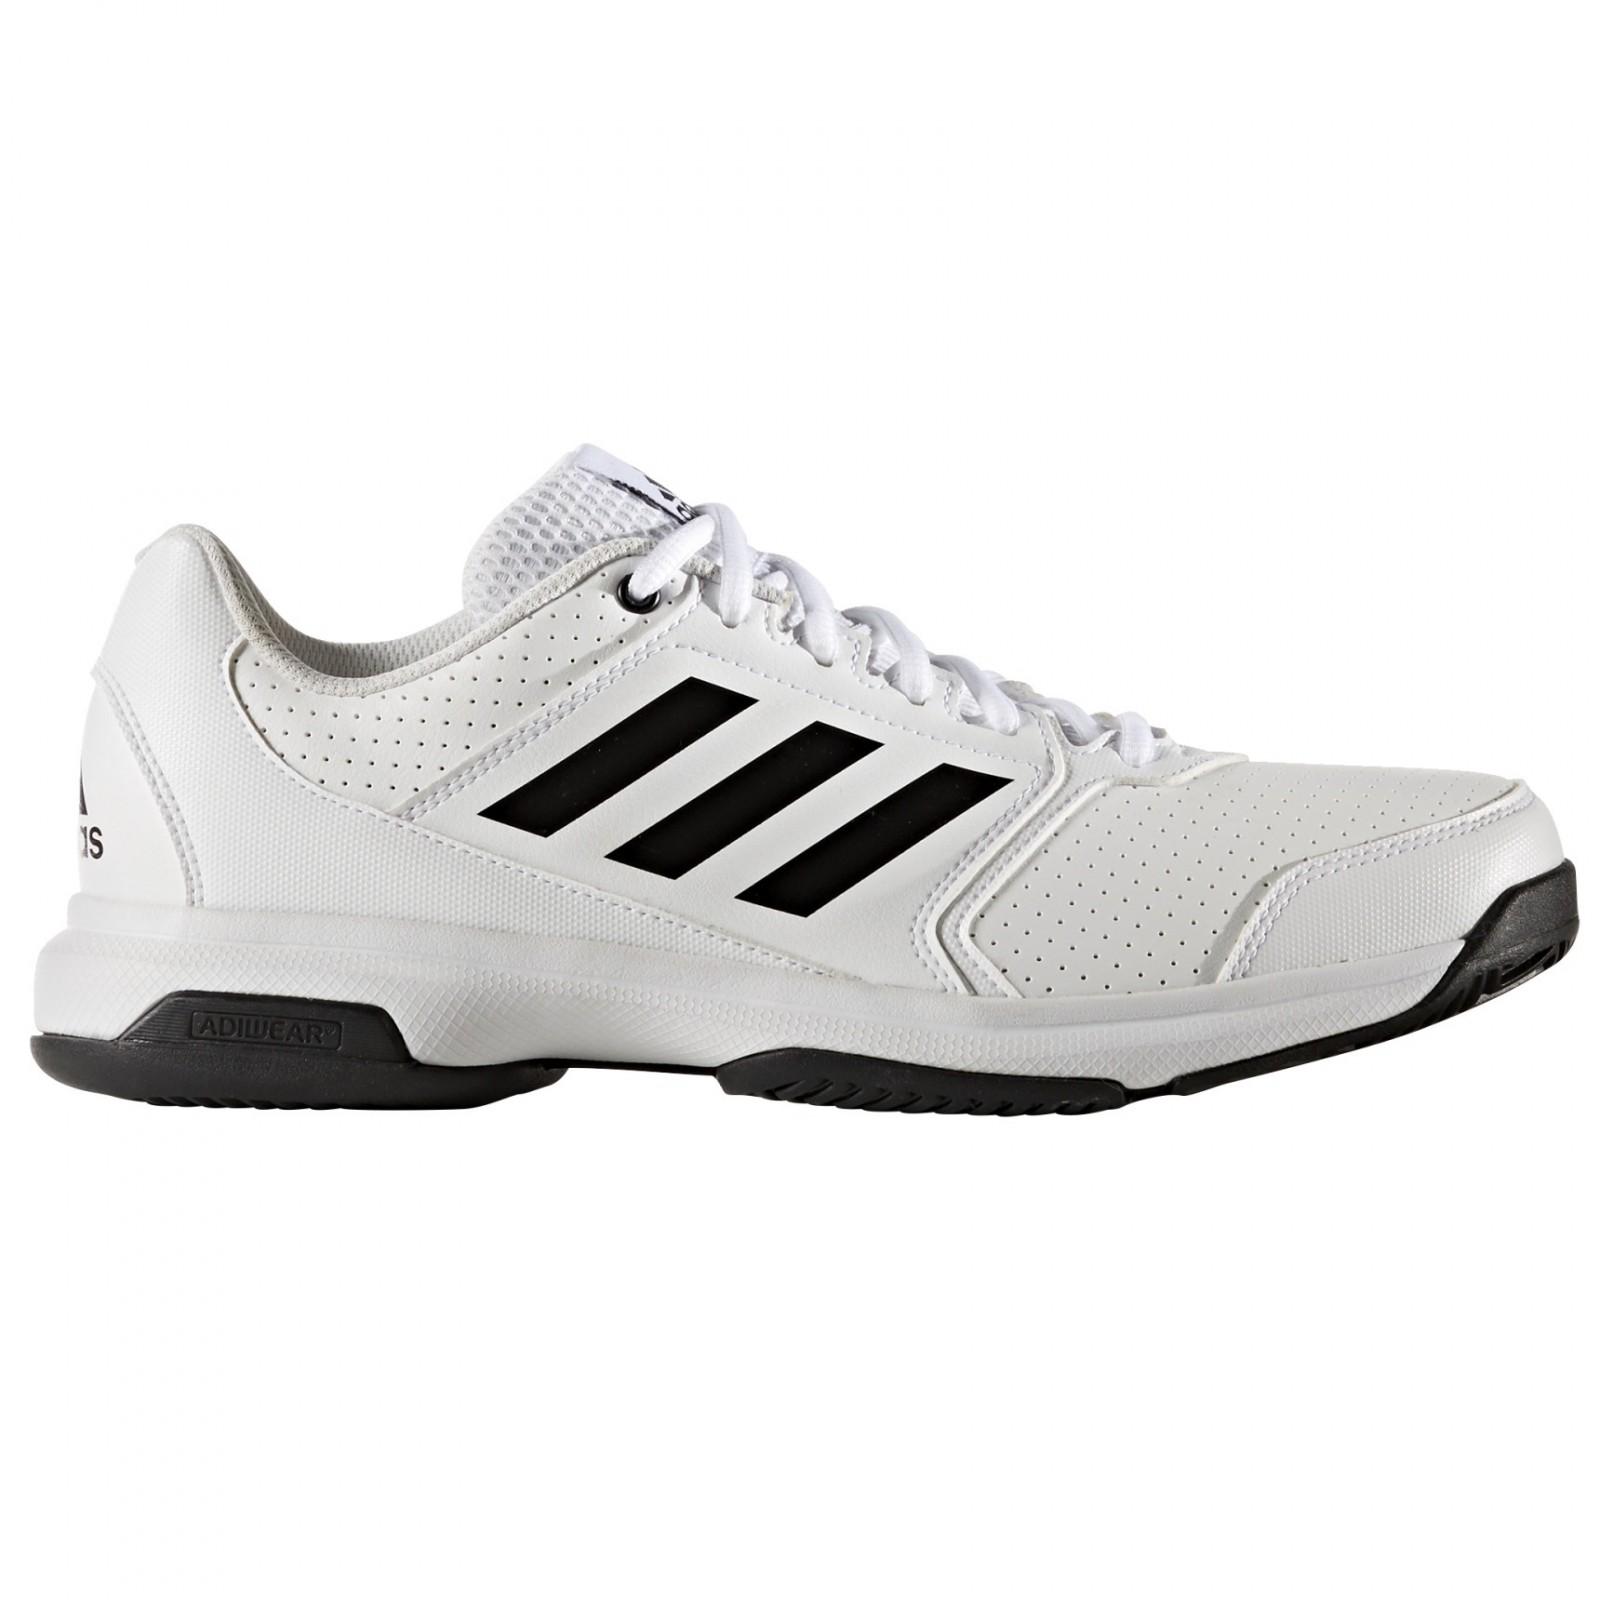 Pánské tenisové boty adidas adizero attack  515fdb7ca9